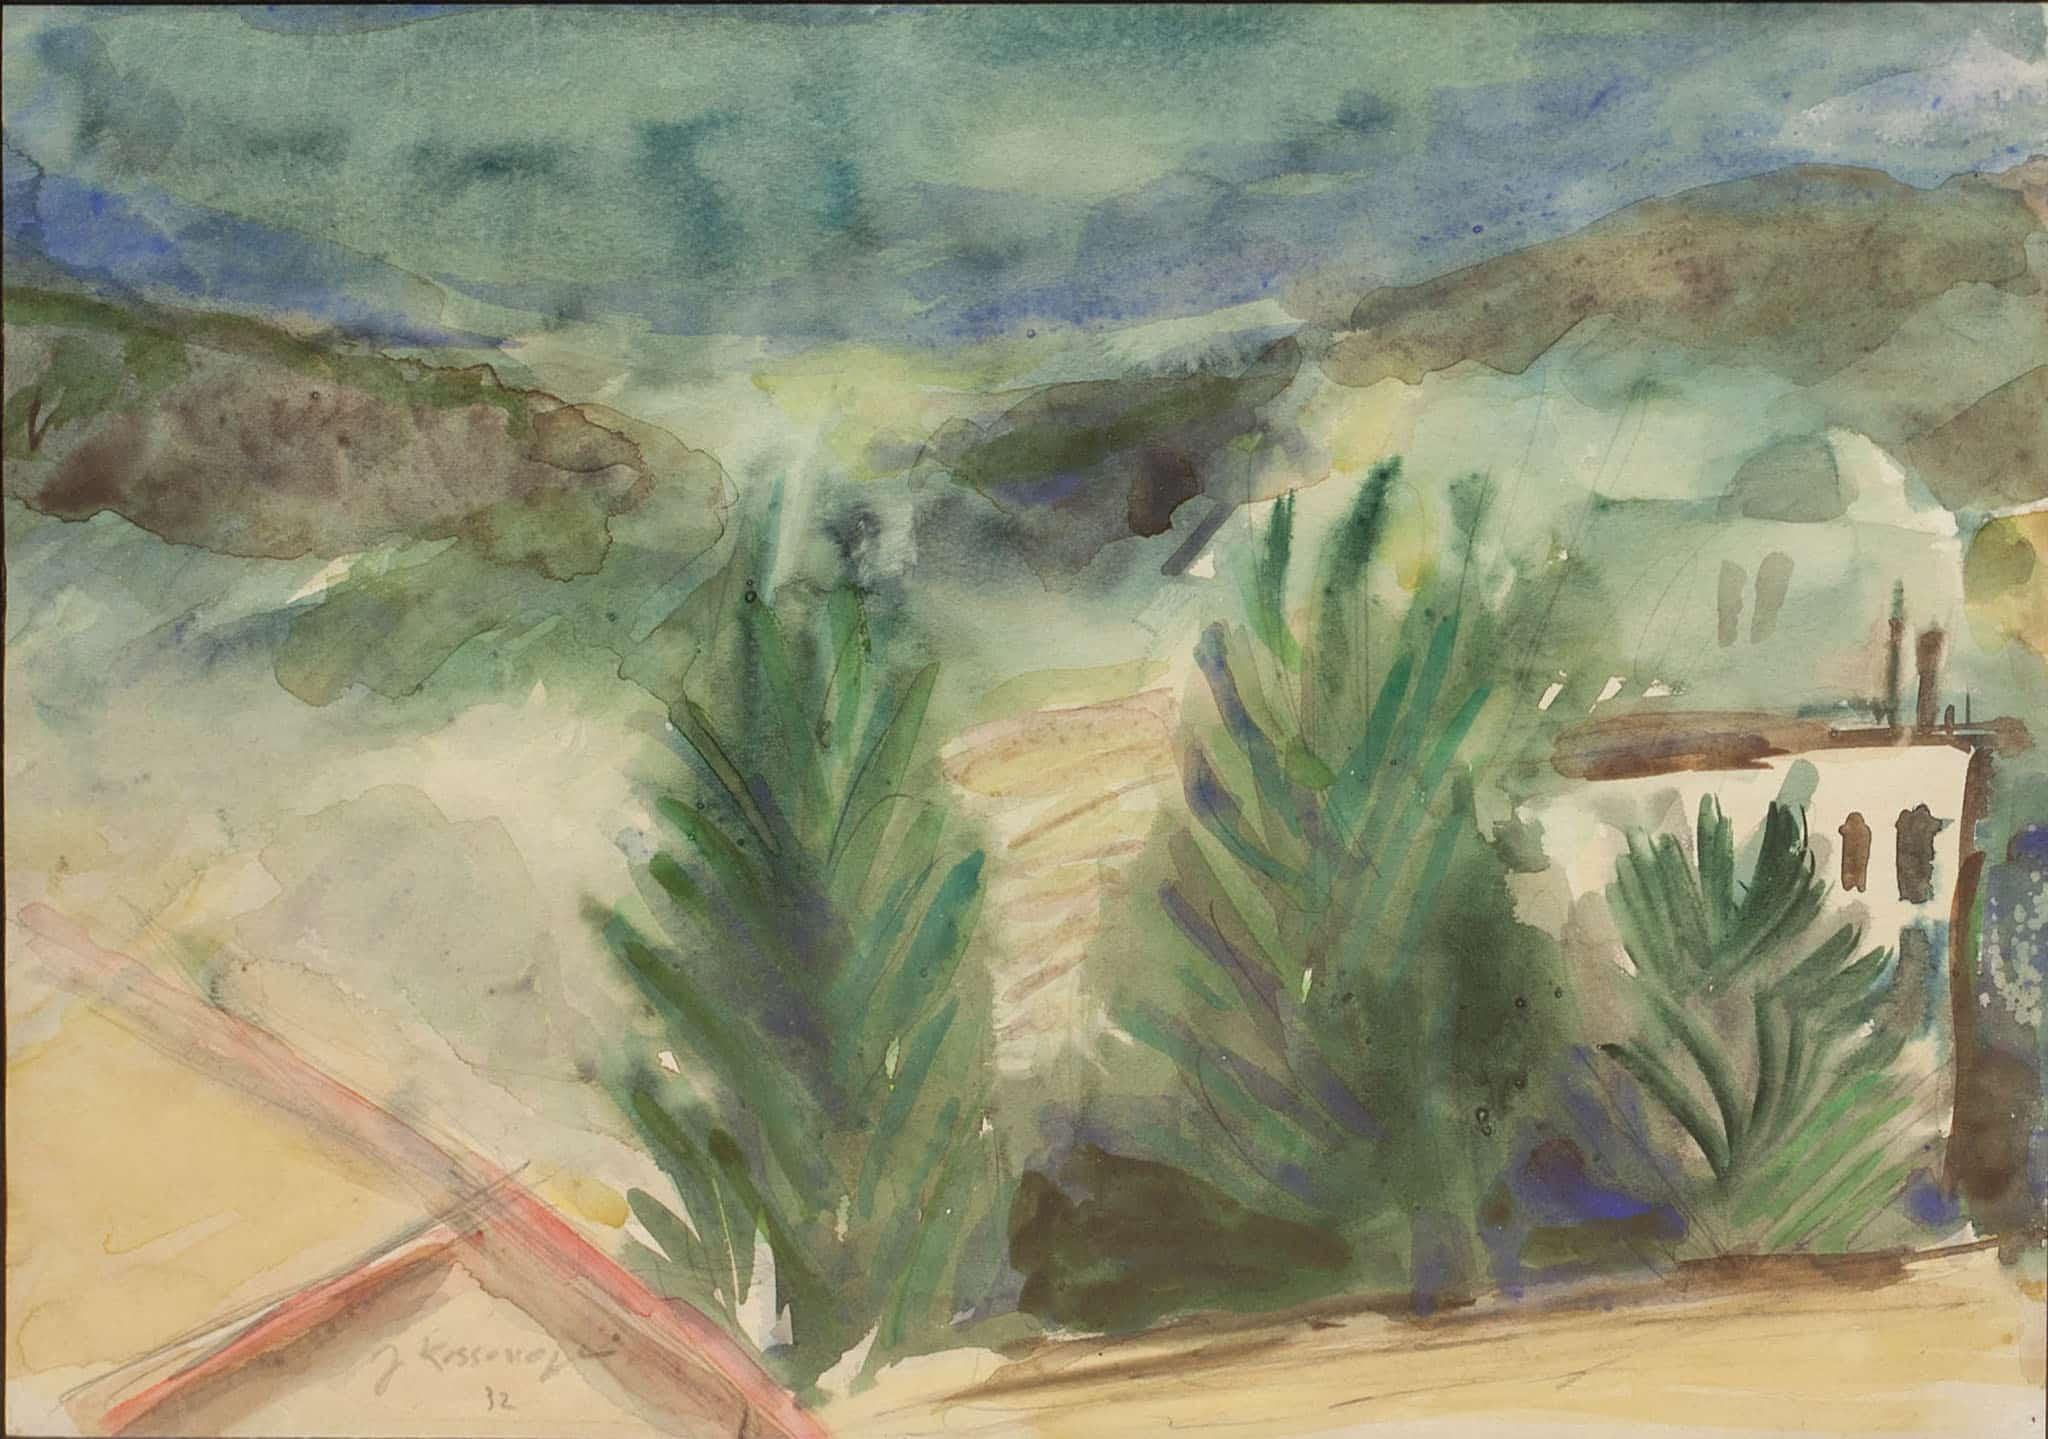 """יוסף קוסונוגי, 1932, אקוורל על נייר, 26x37 ס""""מ"""